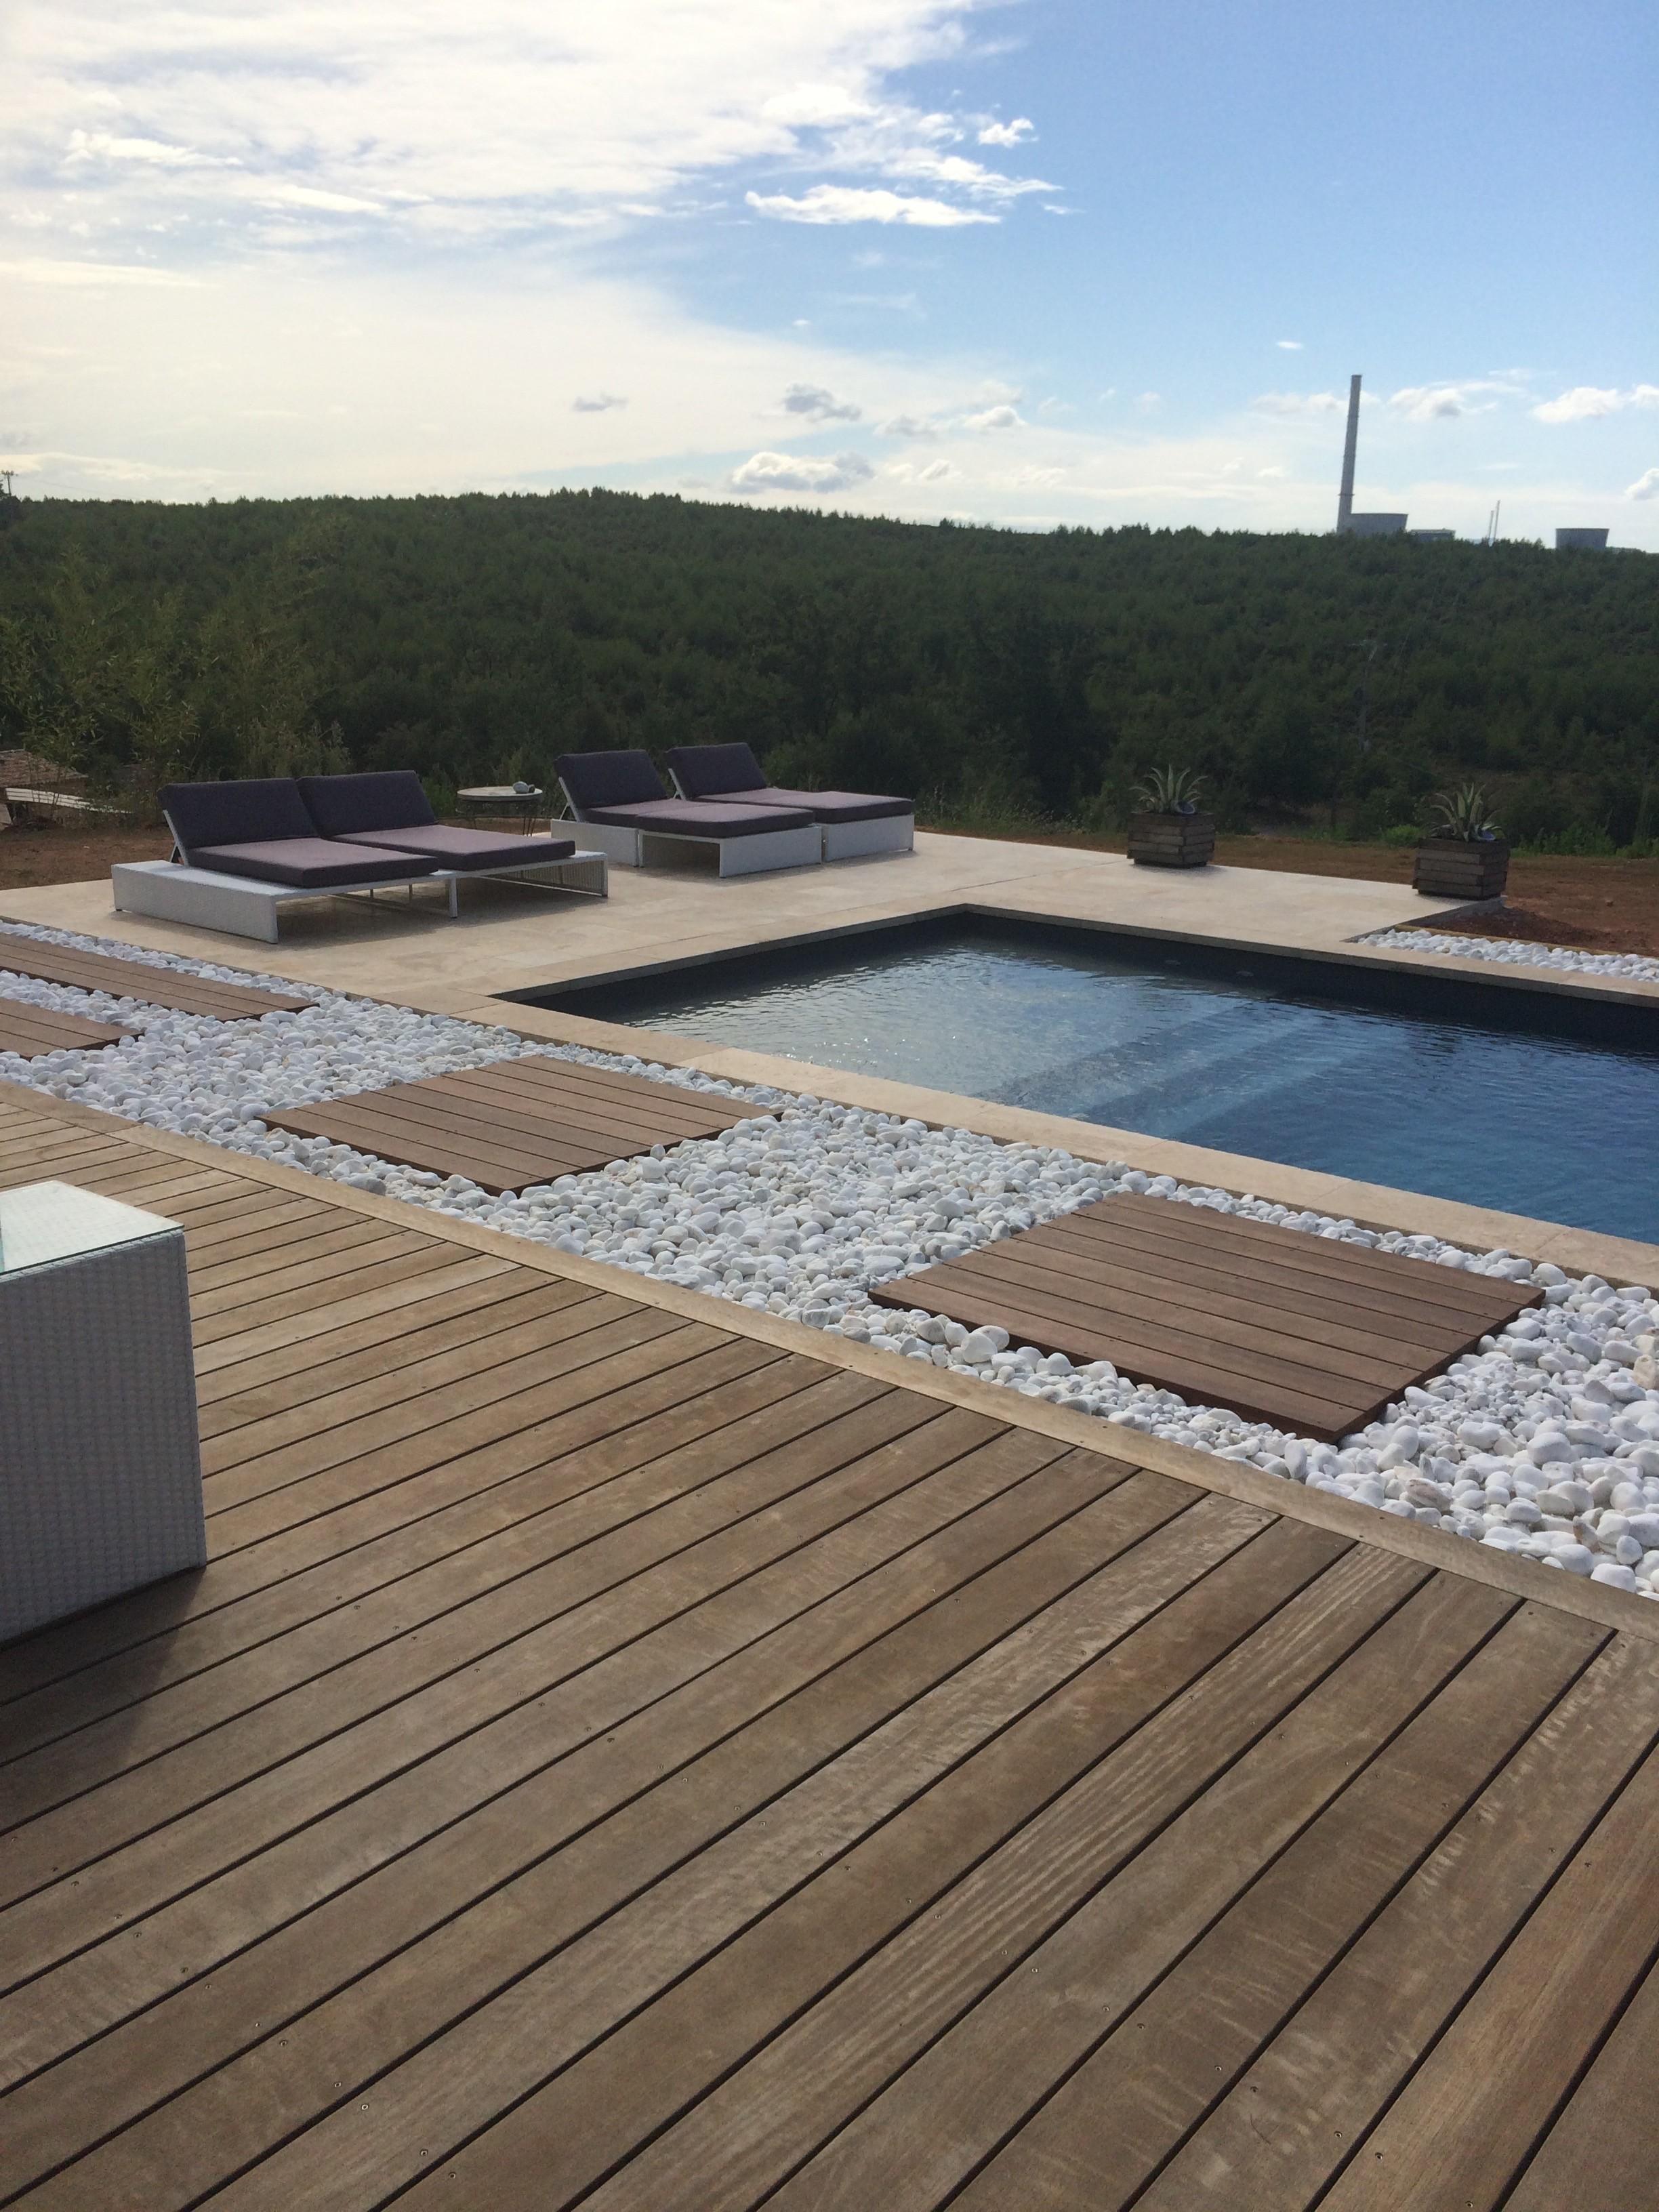 Merveilleux Lames Ou Caillebotis Pour Votre Terrasse En Bois à Marseille ?